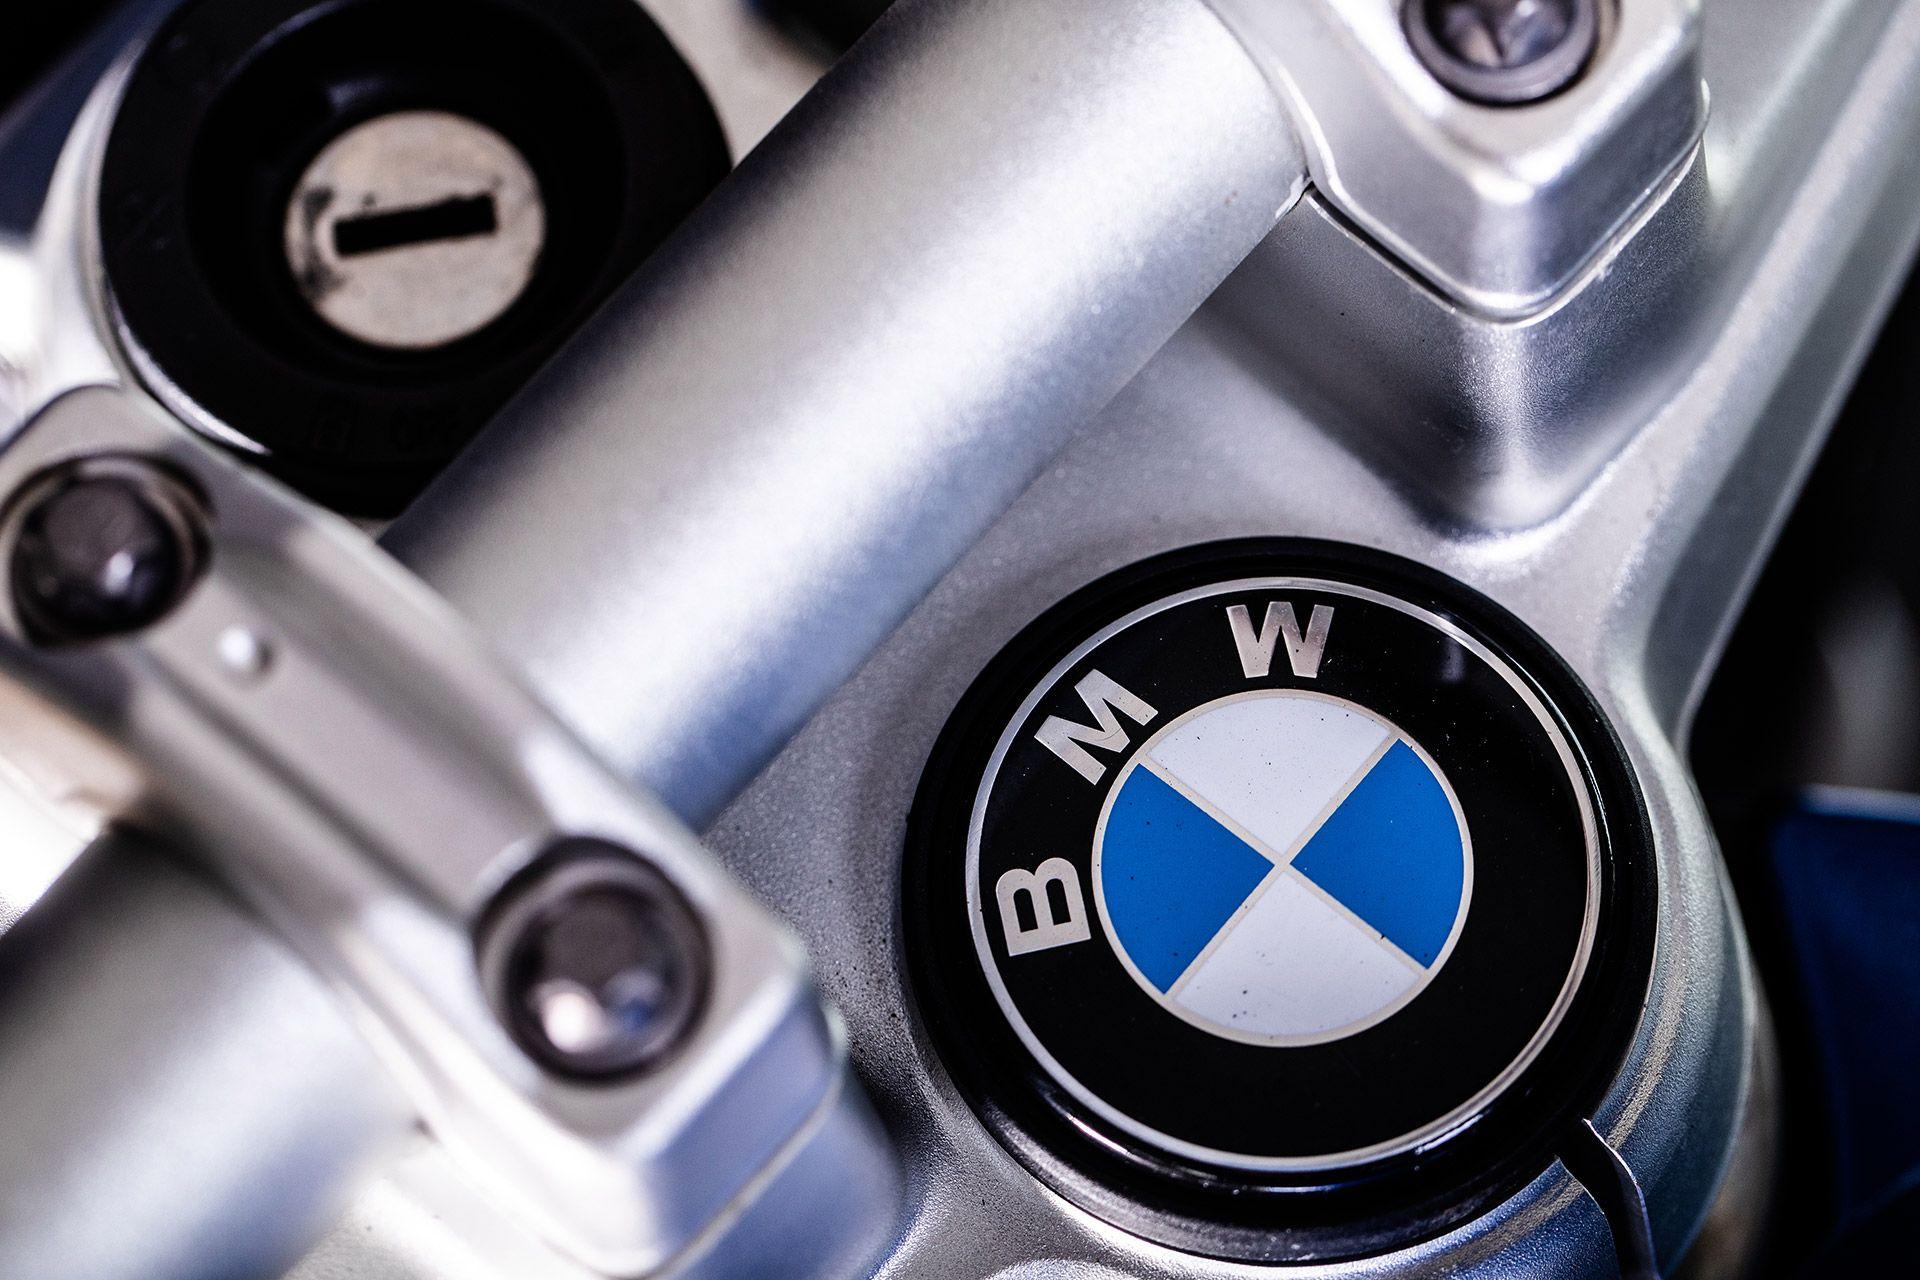 Fahrschule Berlin allroad Motorrad BMW F800R Lenkerdetail